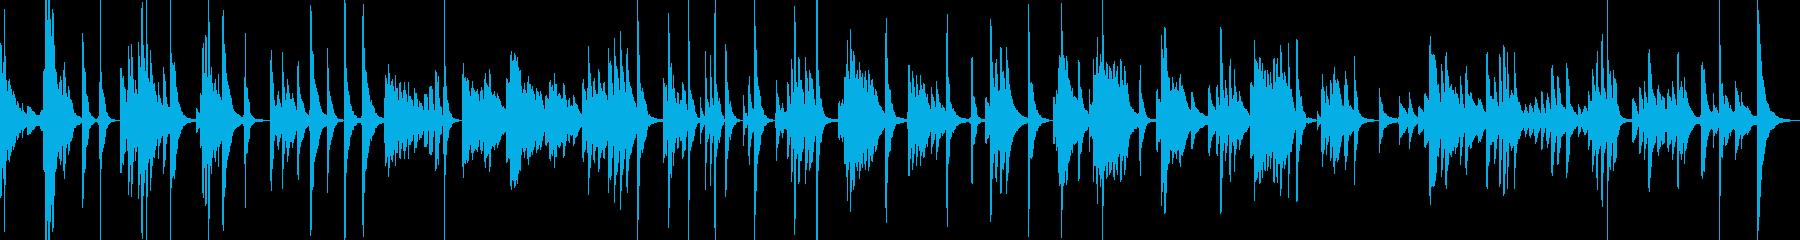 琴で静寂を表現しましたの再生済みの波形